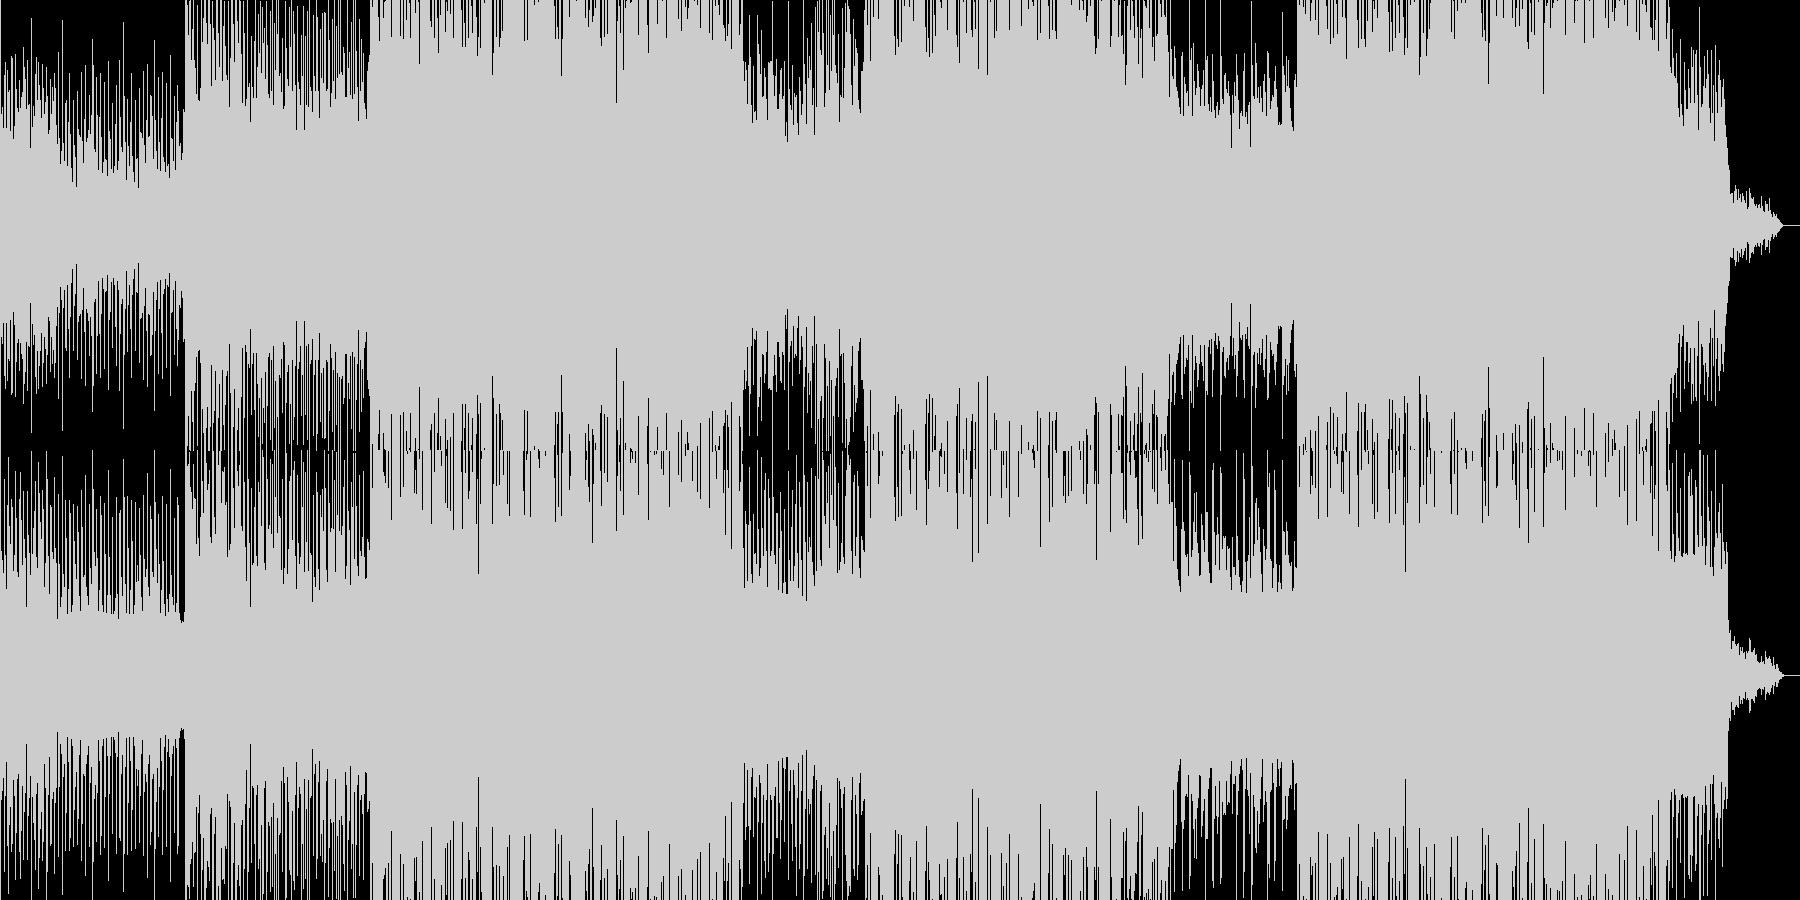 イタリアンポップの背景。の未再生の波形